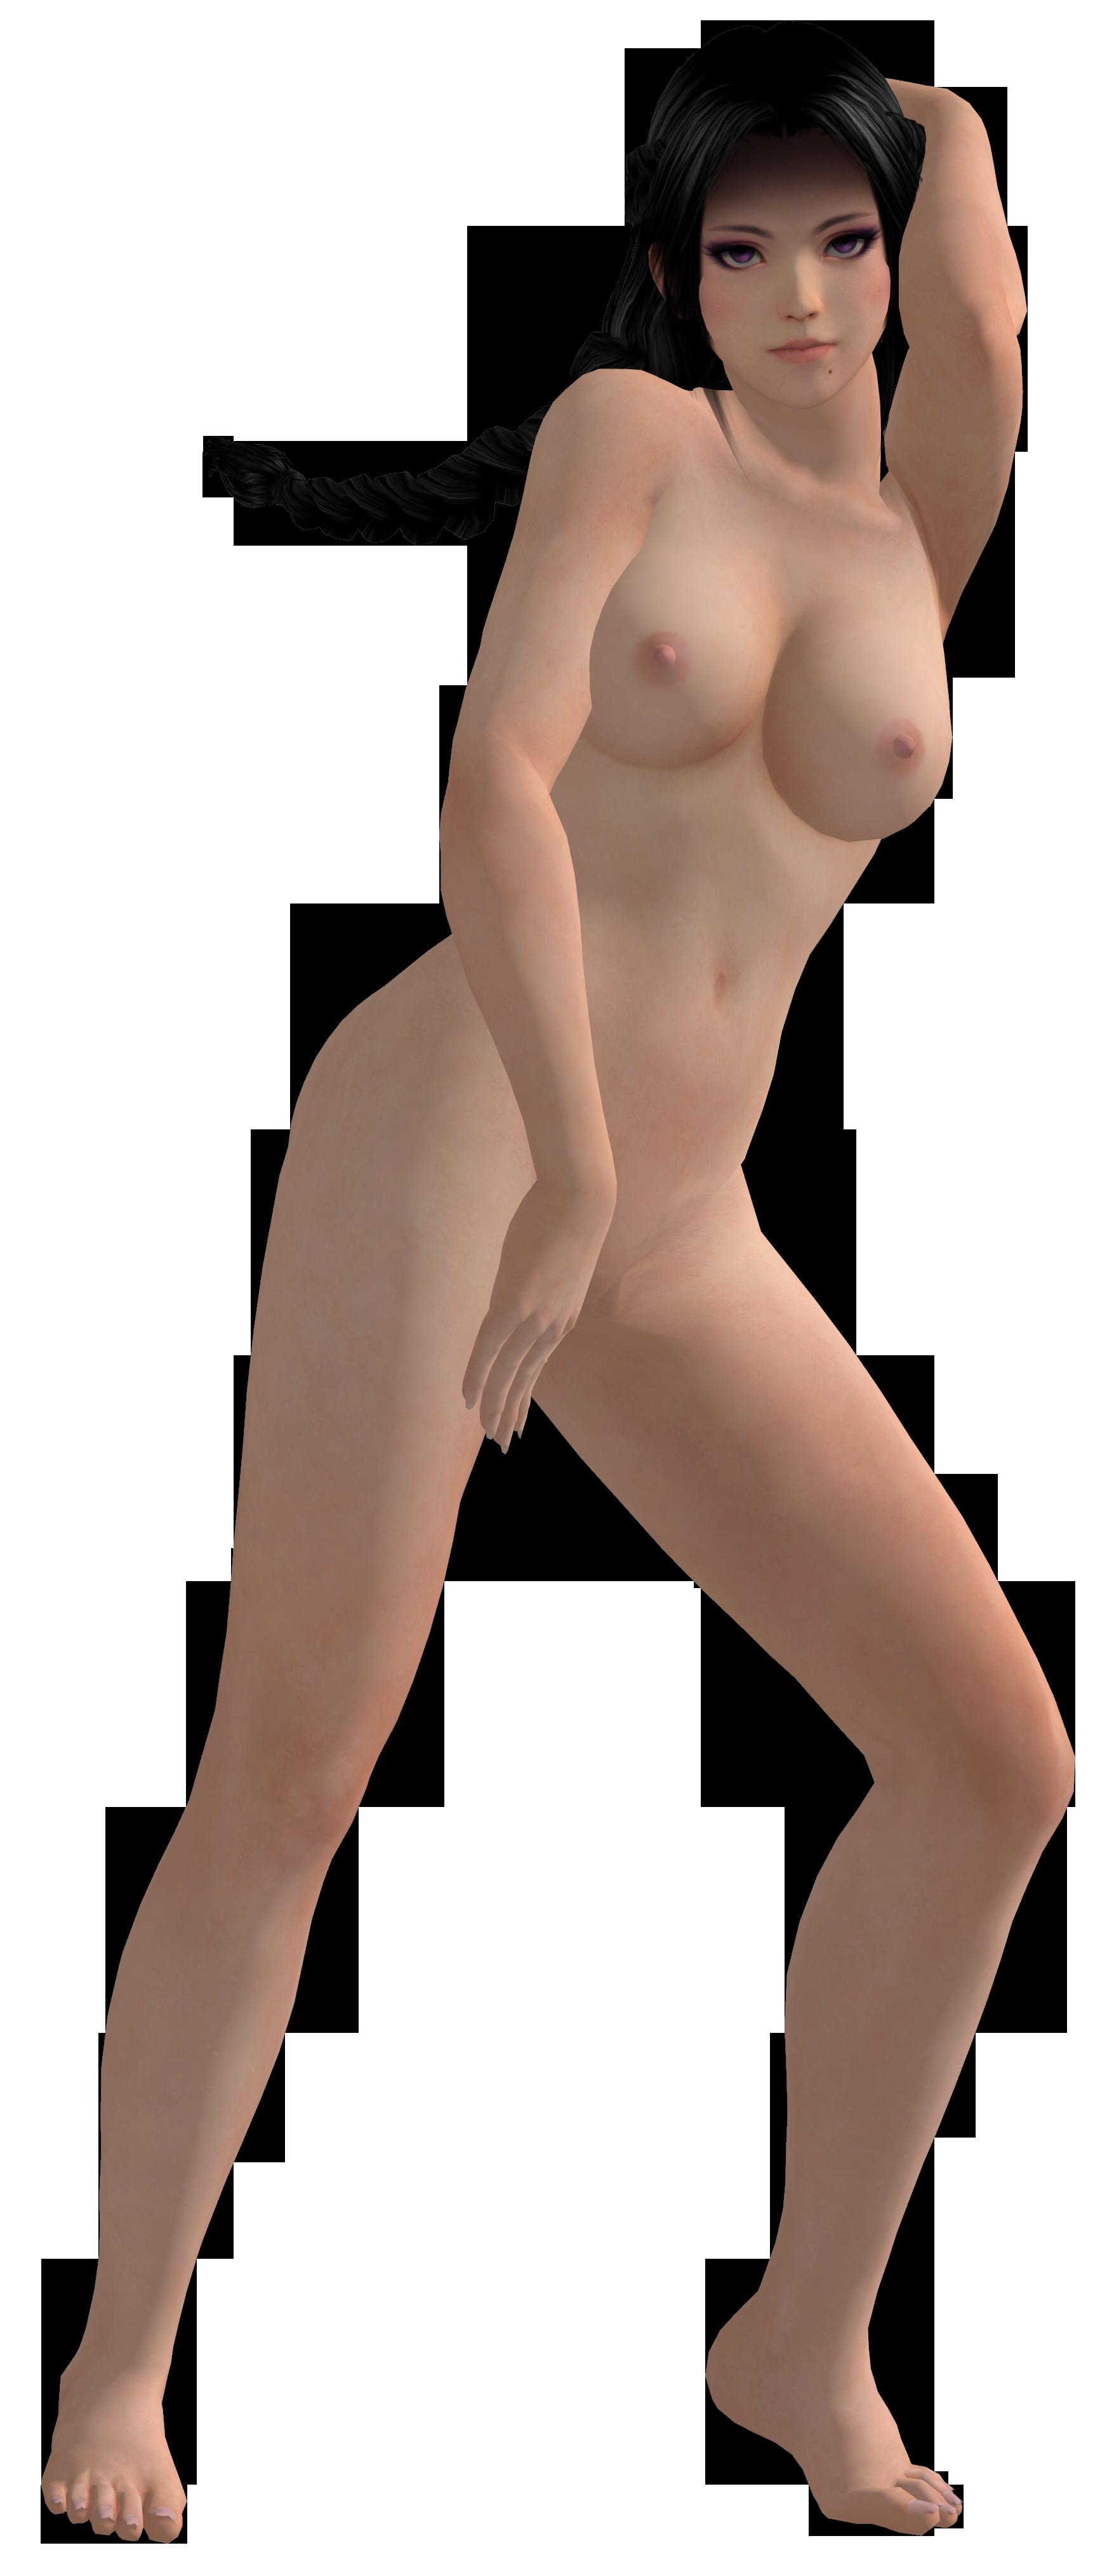 Doa5 nude hentia image